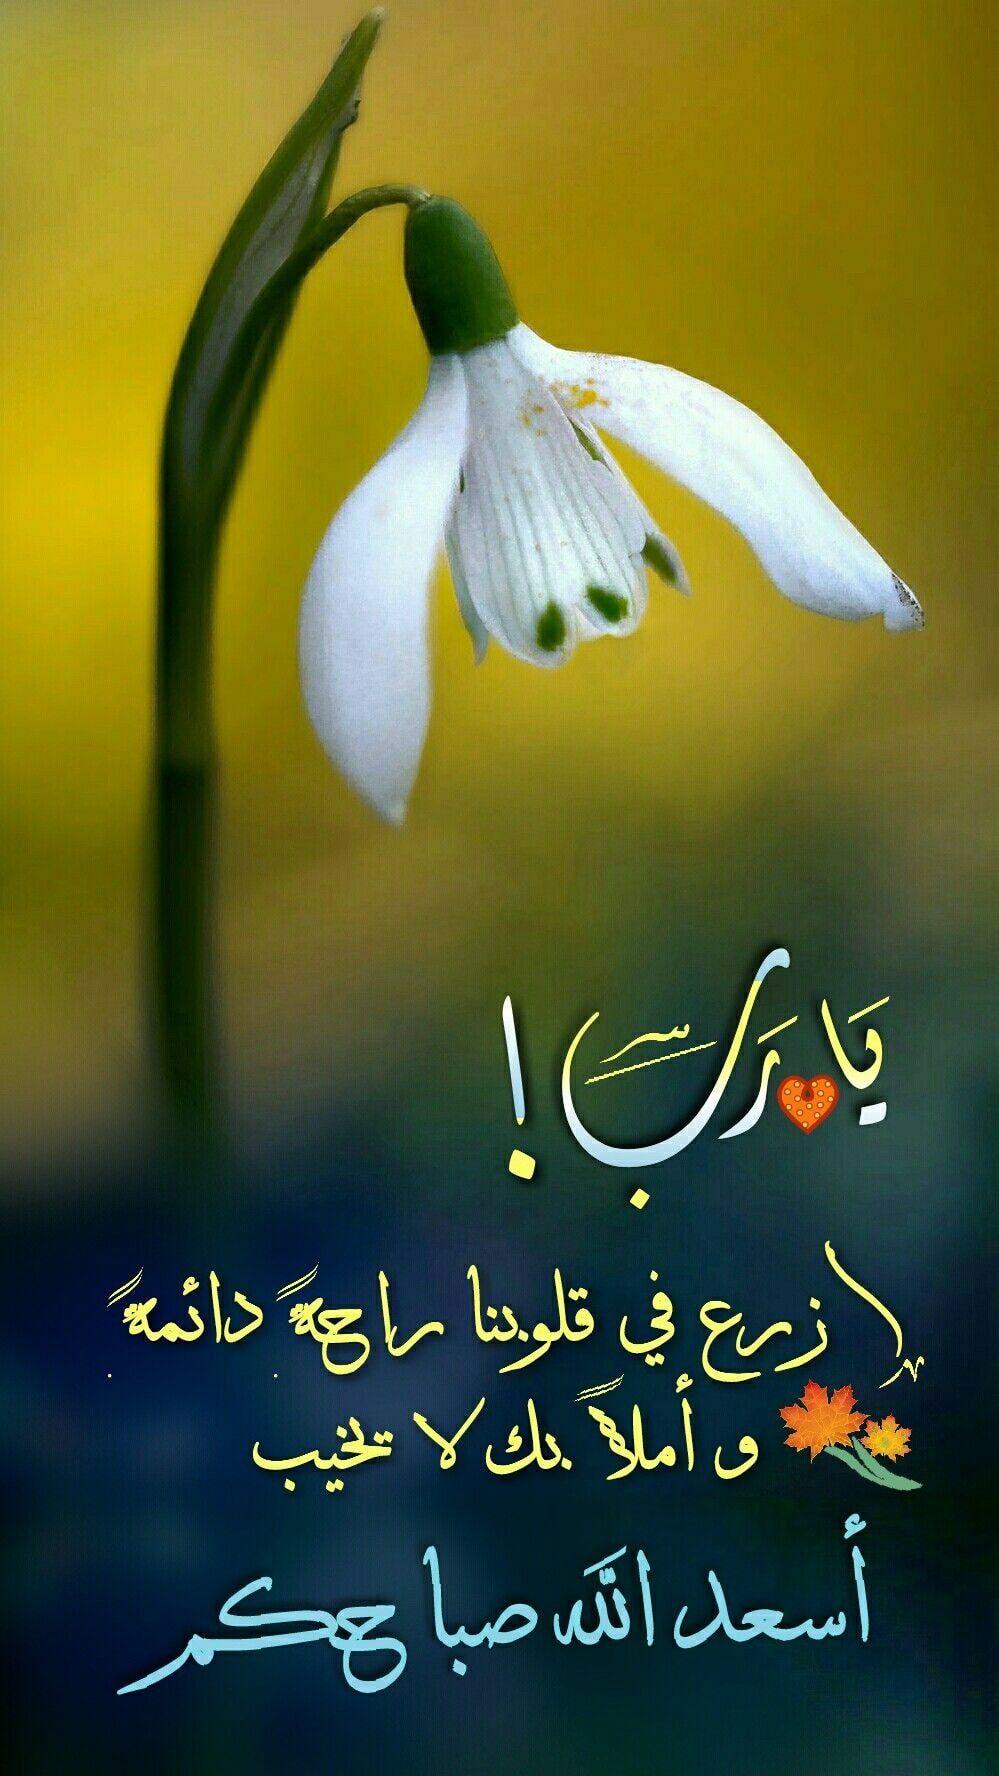 يا رب ازرع في قلوبنا راحة دائمة وأملا بك لا يخيب أسعد الله صباحكم Good Morning Arabic Good Morning Cards Beautiful Morning Messages